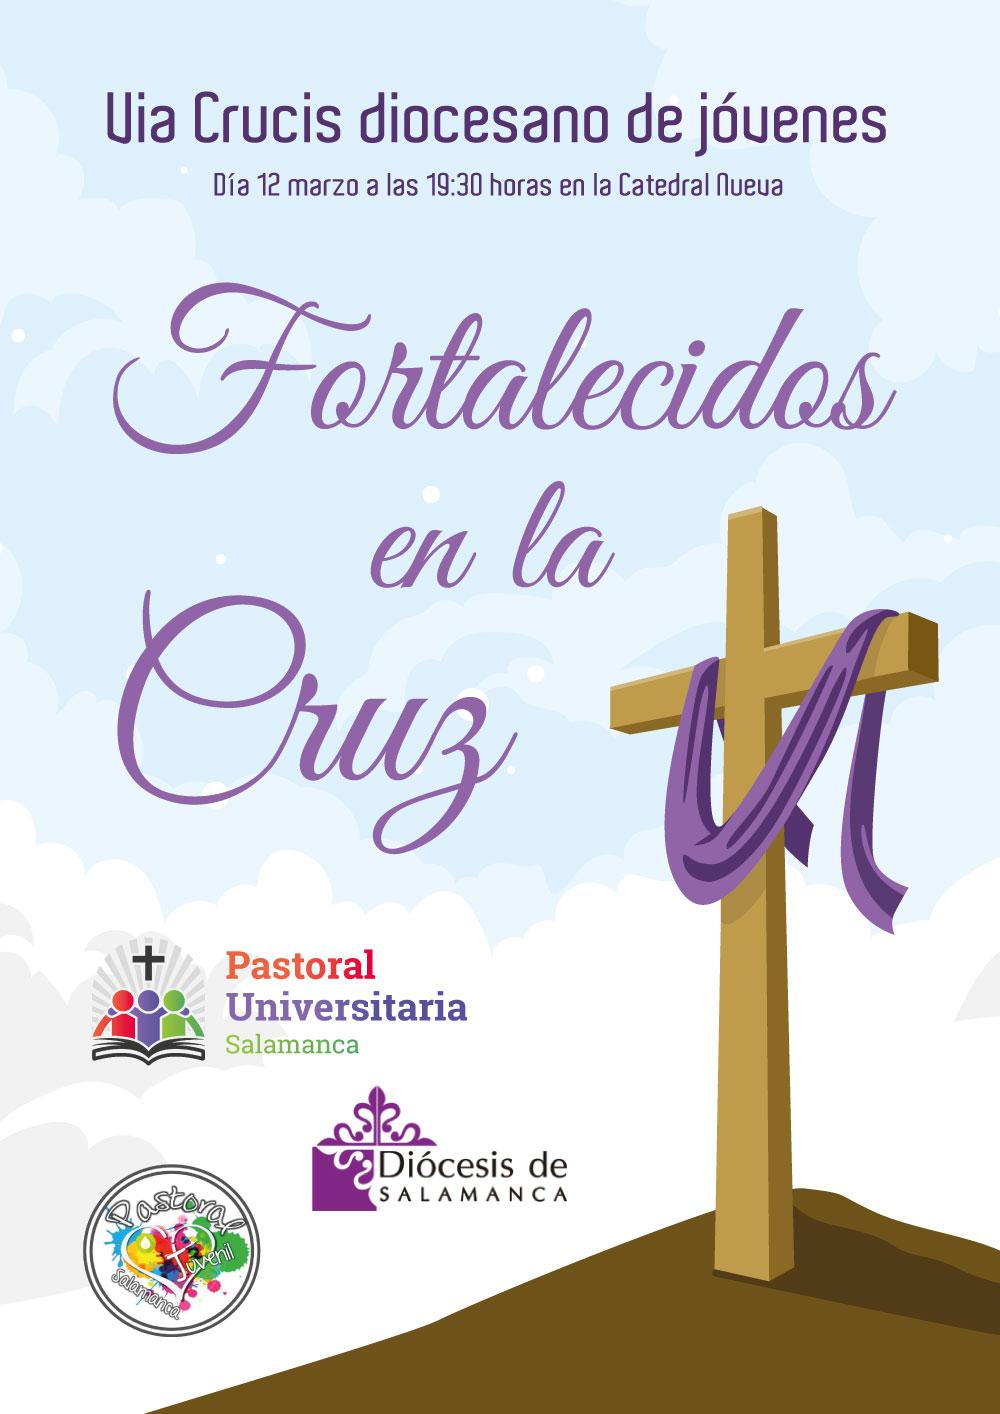 IV Via Crucis diocesano de jóvenes